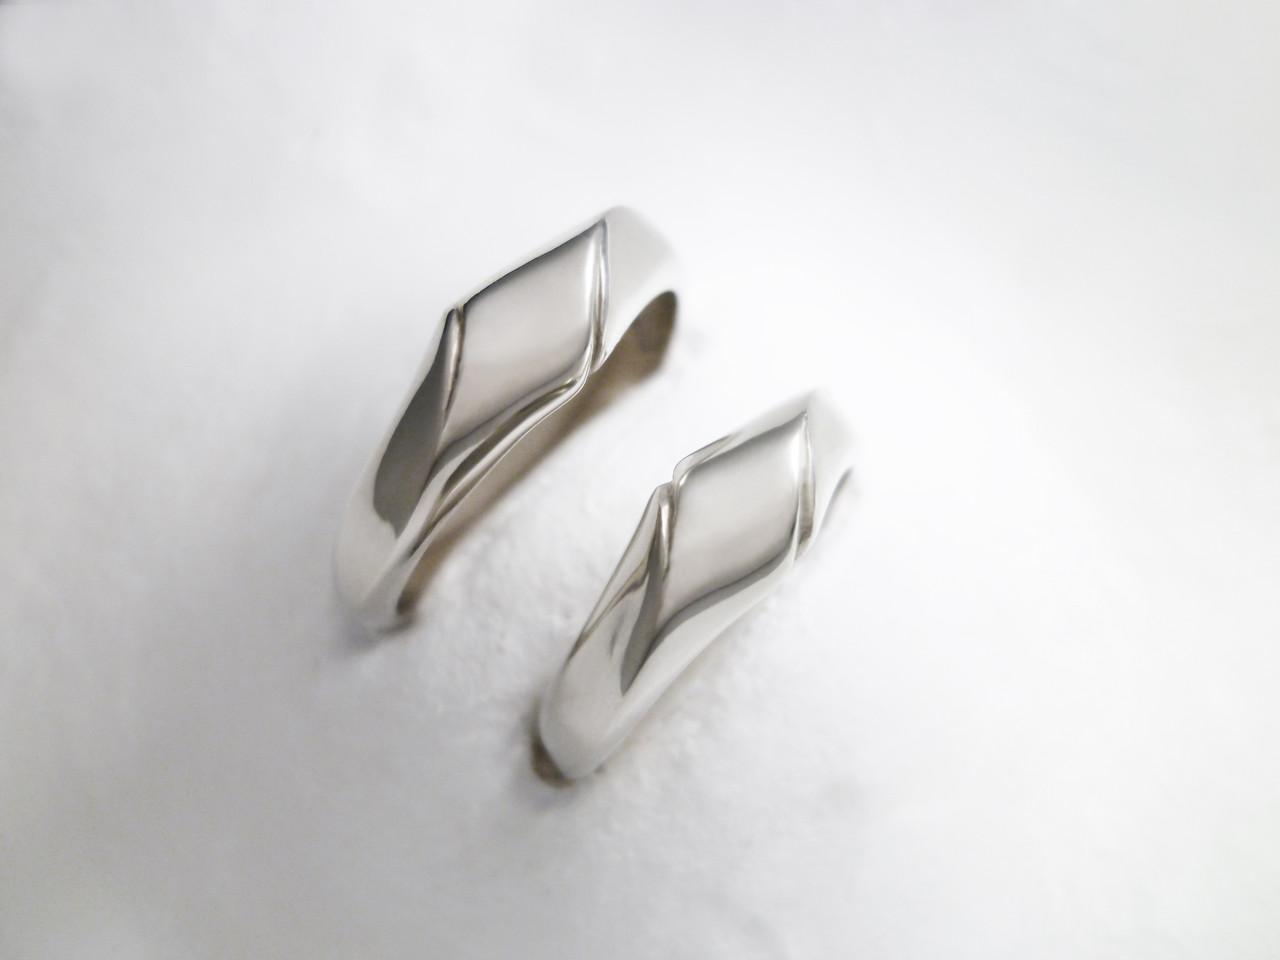 Platinum marriage ring